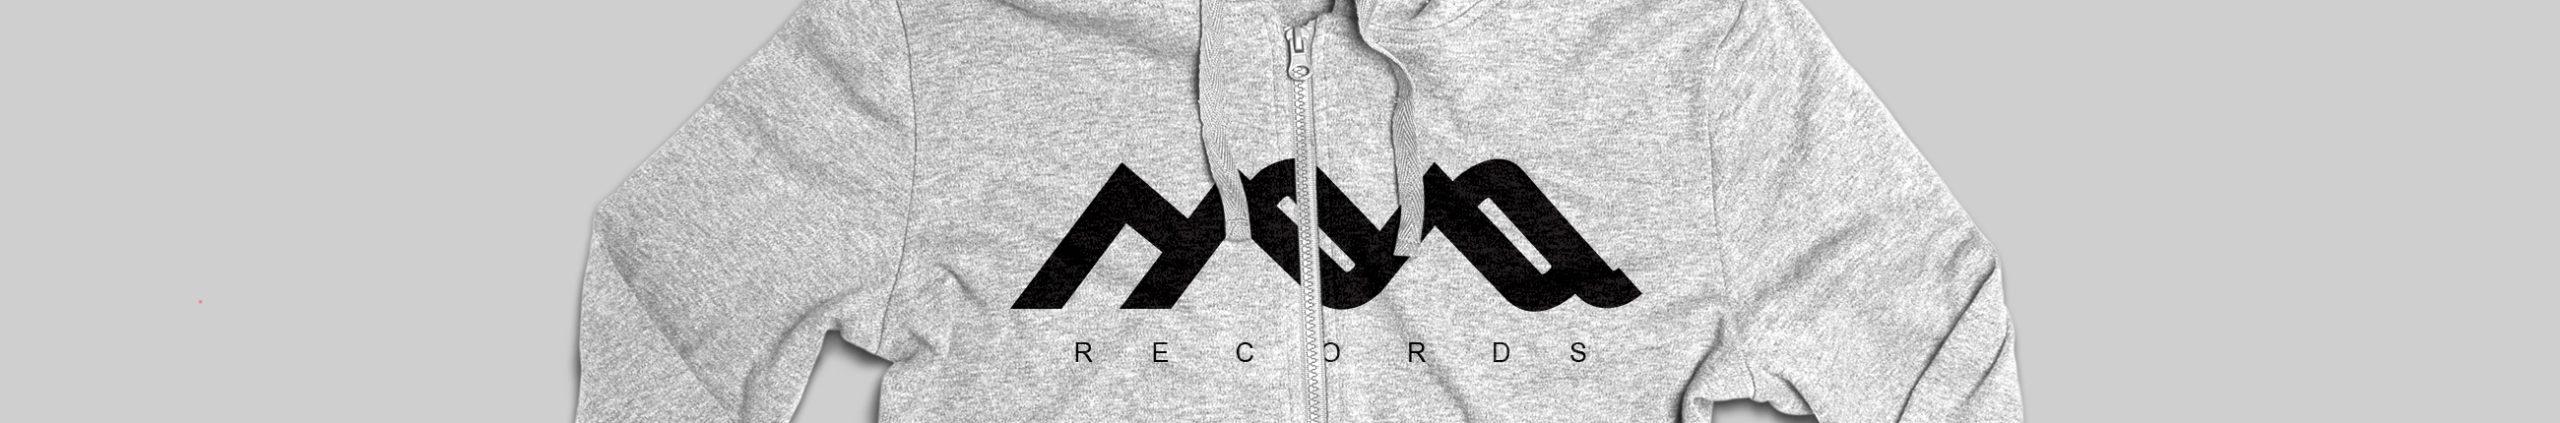 sudadera, mona records